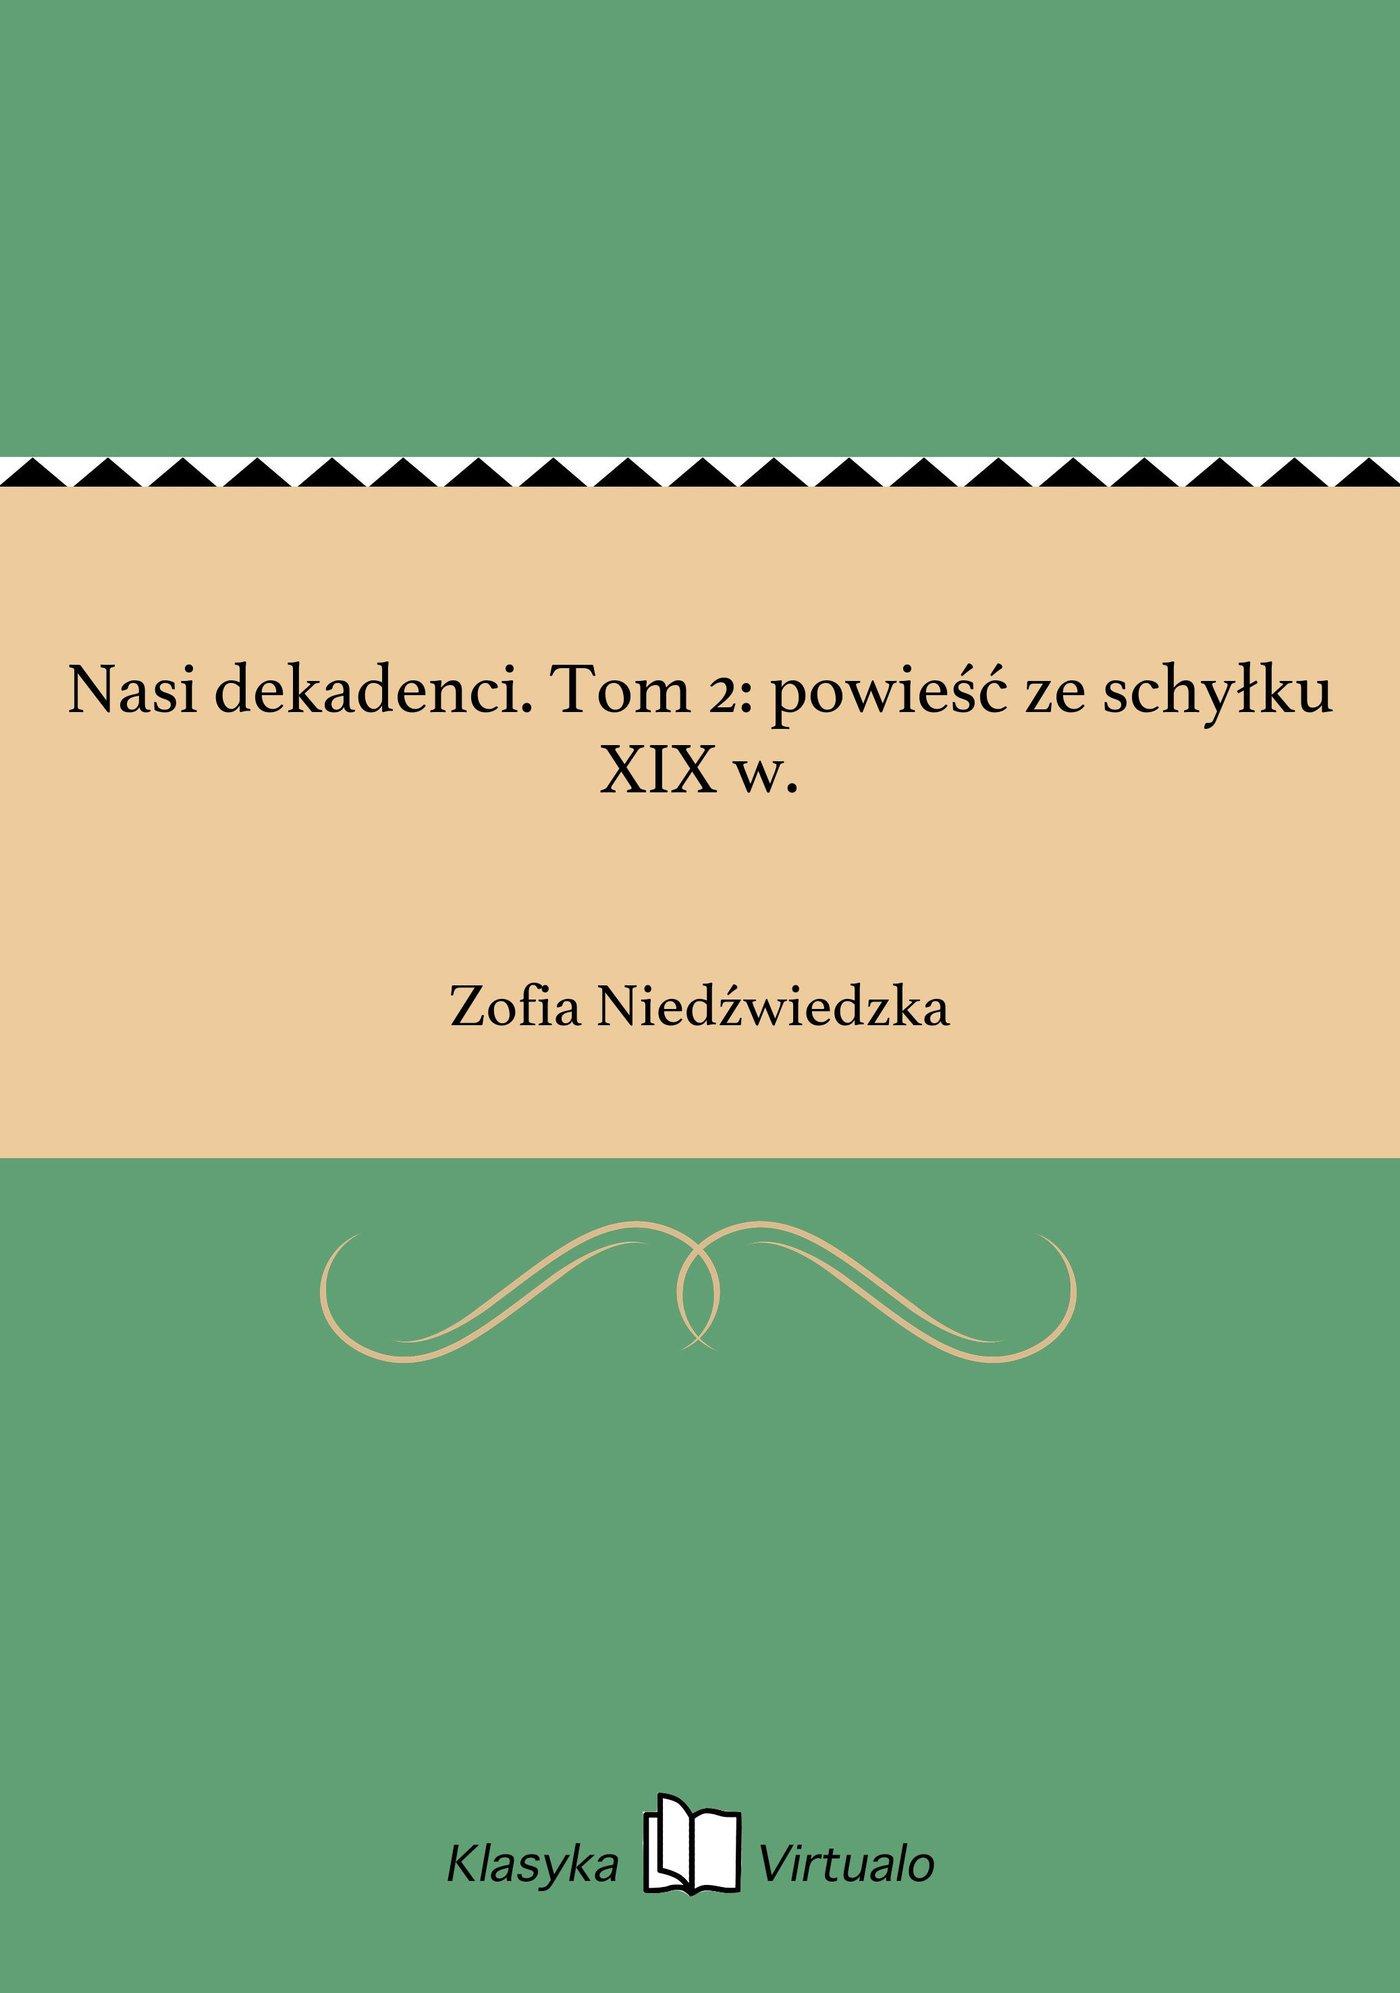 Nasi dekadenci. Tom 2: powieść ze schyłku XIX w. - Ebook (Książka EPUB) do pobrania w formacie EPUB